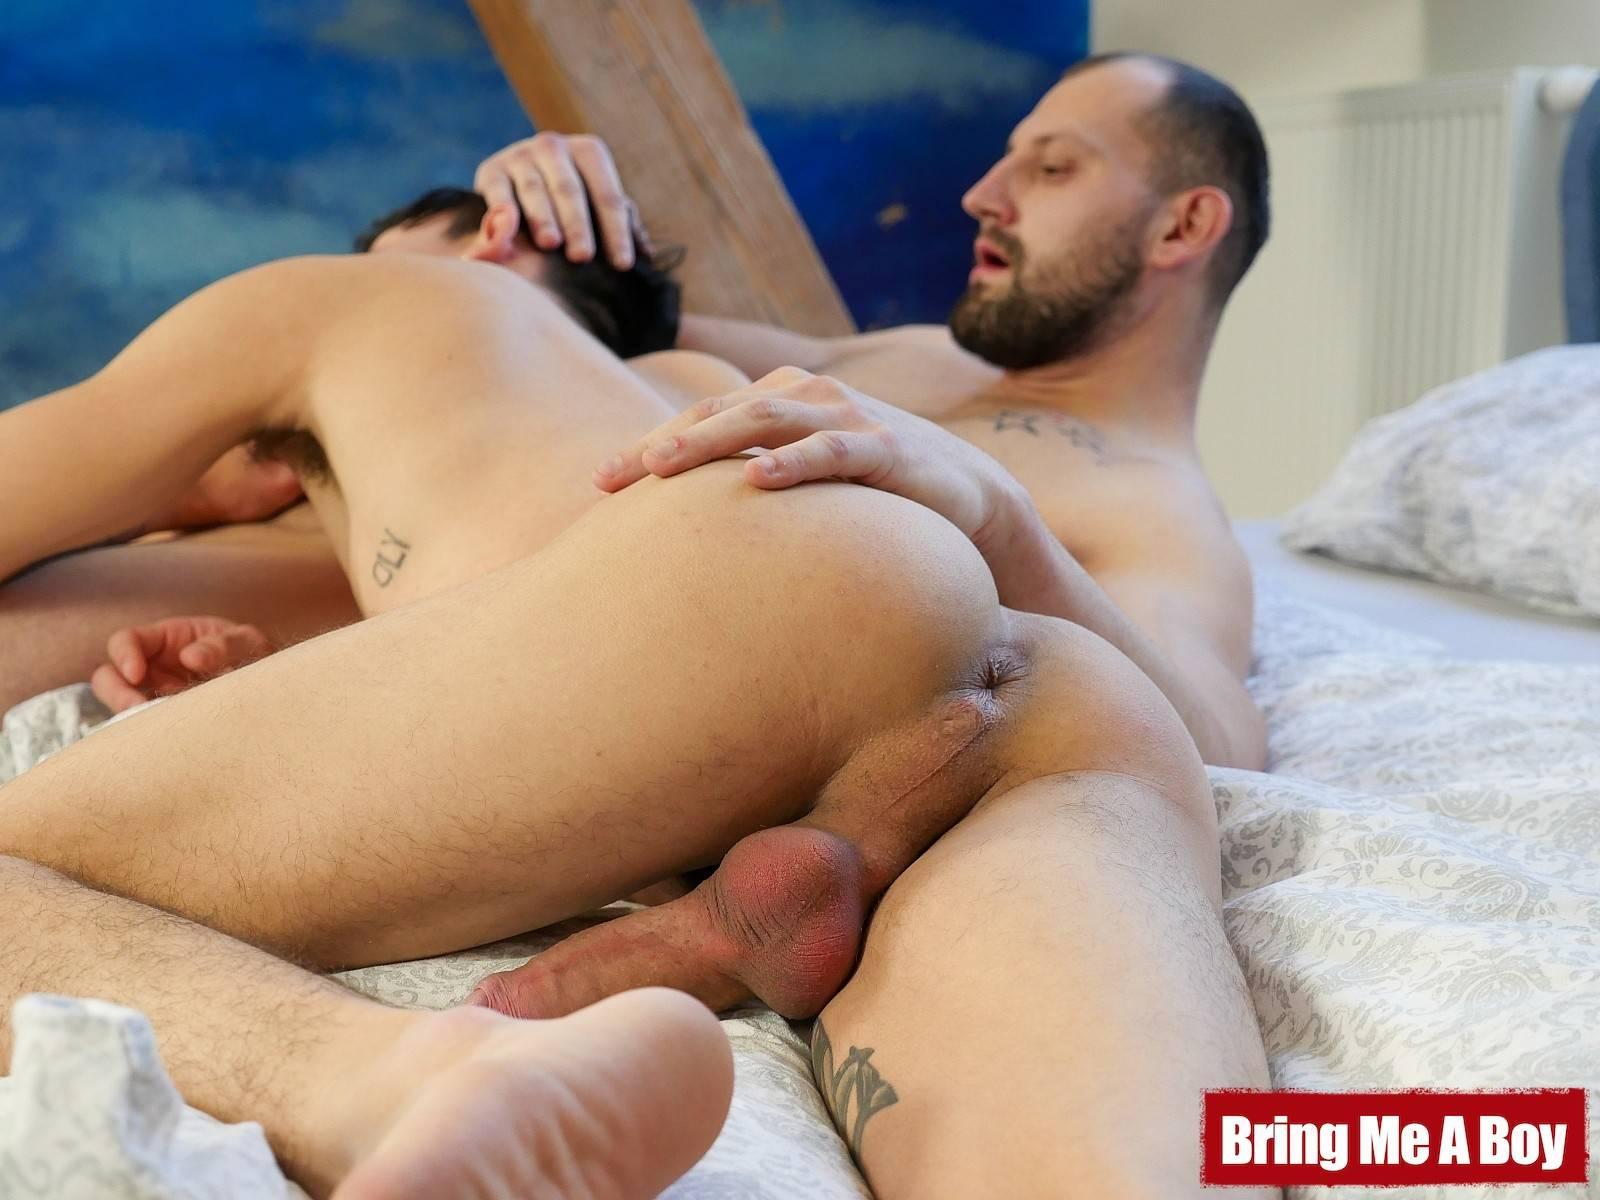 Bring Me A Boy – Roman Capellini, Pavel Sora